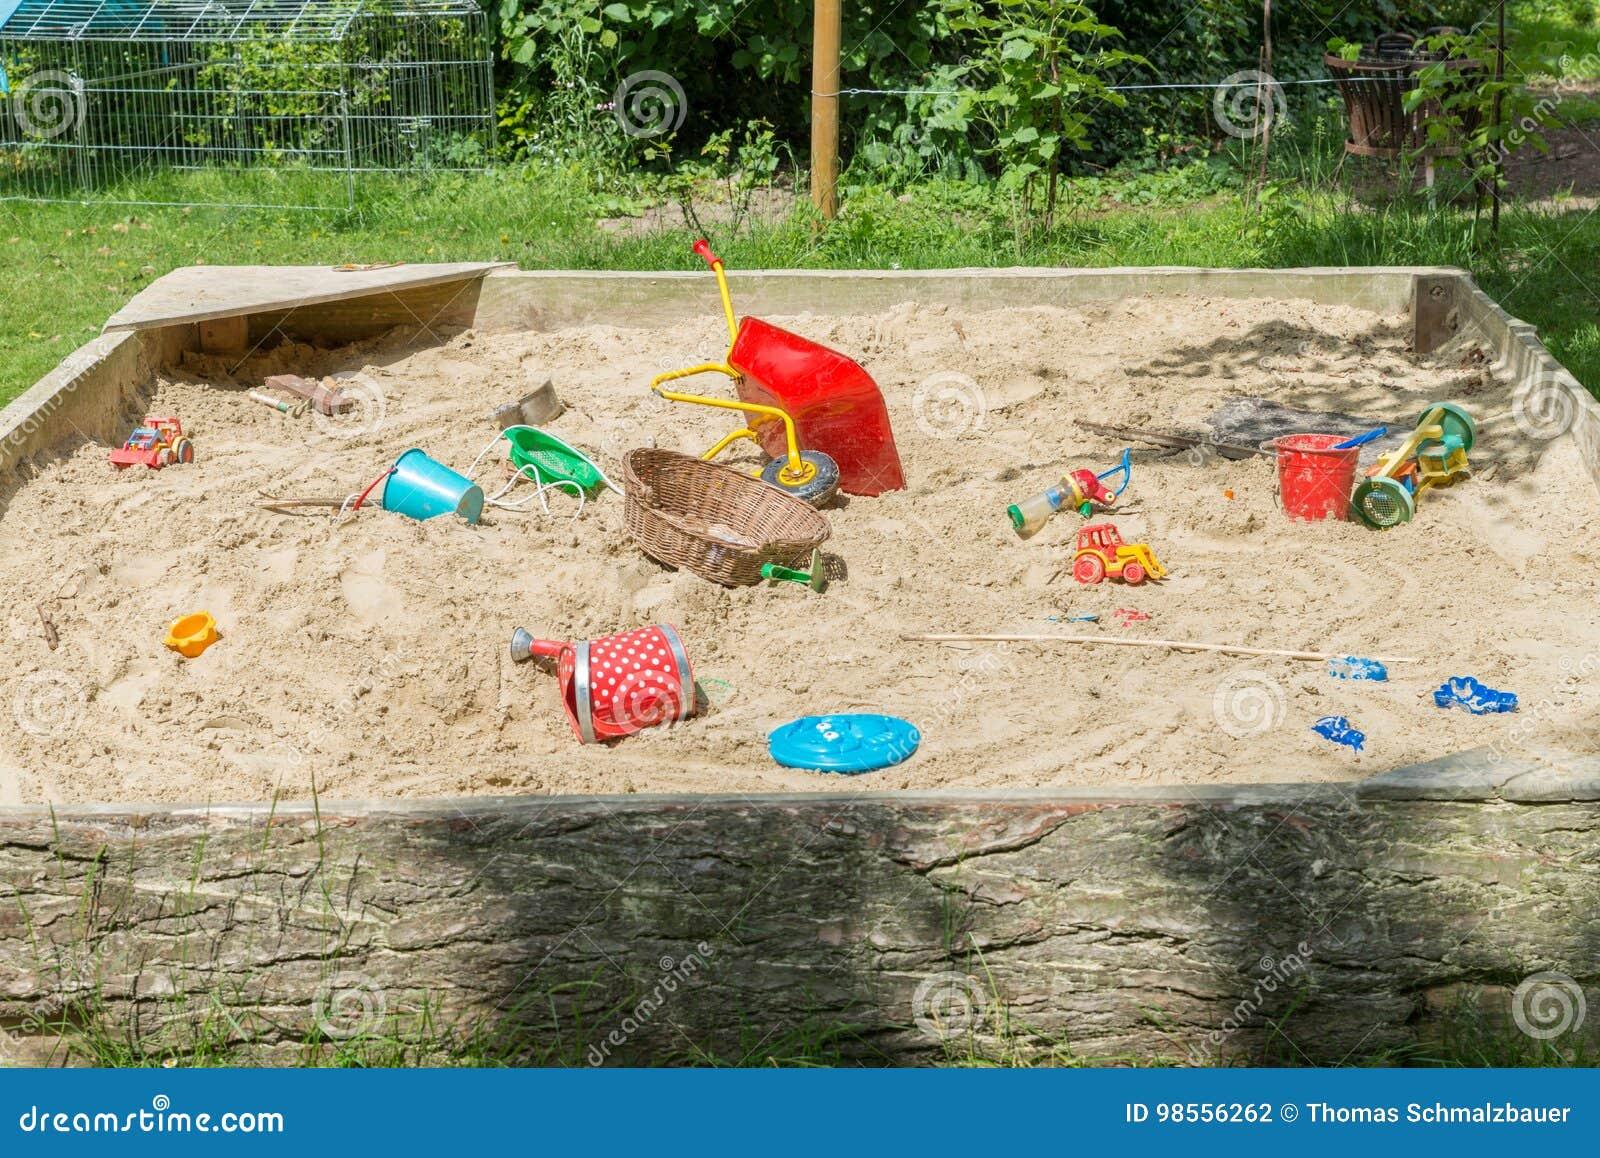 nieuw goedkoop arriveert halve prijs Grote Zandbak Met Veel Speelgoed In Een Tuin Stock Foto ...